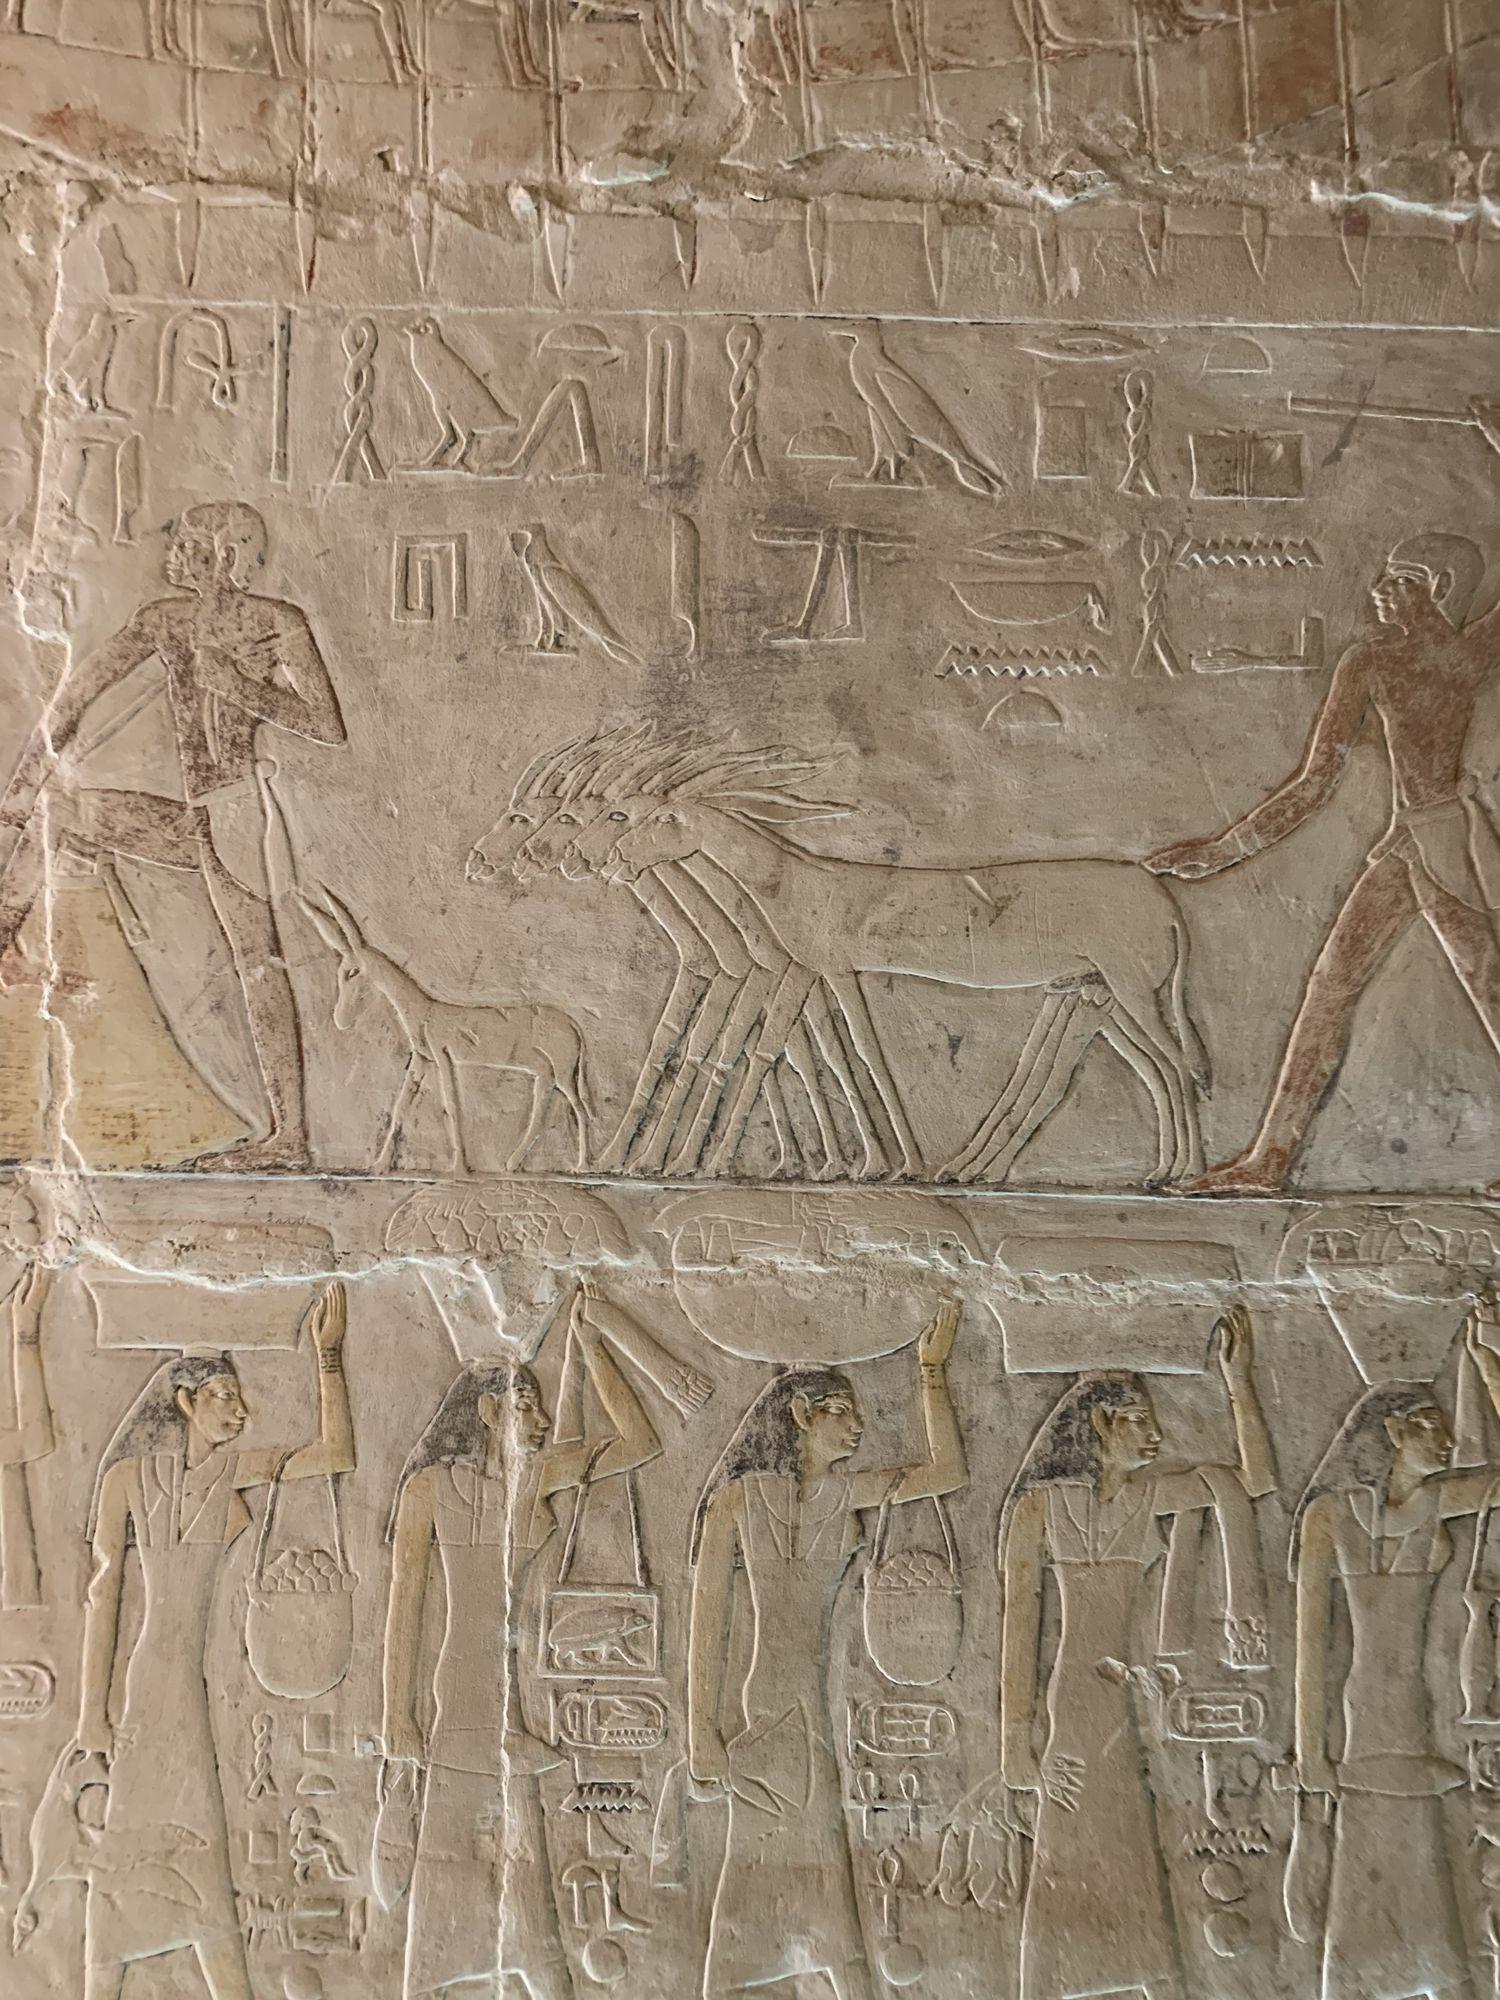 Antiguo Egipto - Necrópolis de Saqqara - Egiptología